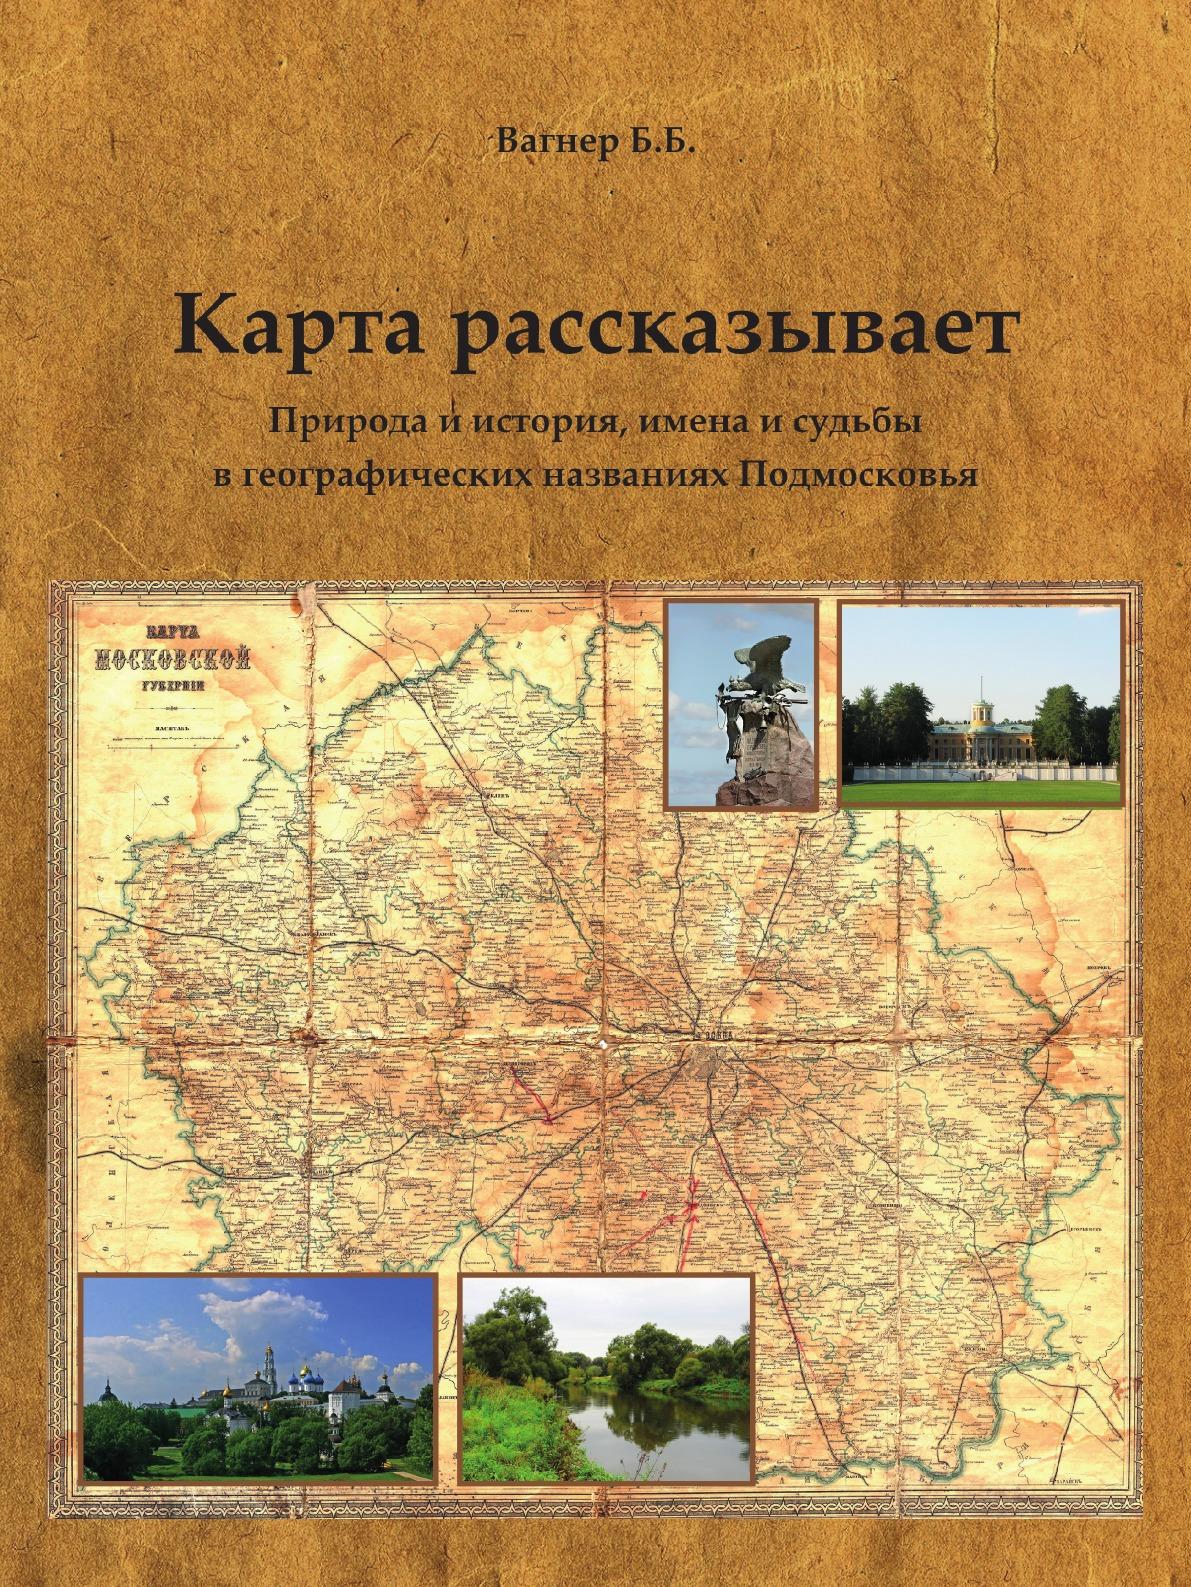 Вагнер Б.Б. Карта рассказывает. Природа и история, имена и судьбы в географических названиях Подмосковья